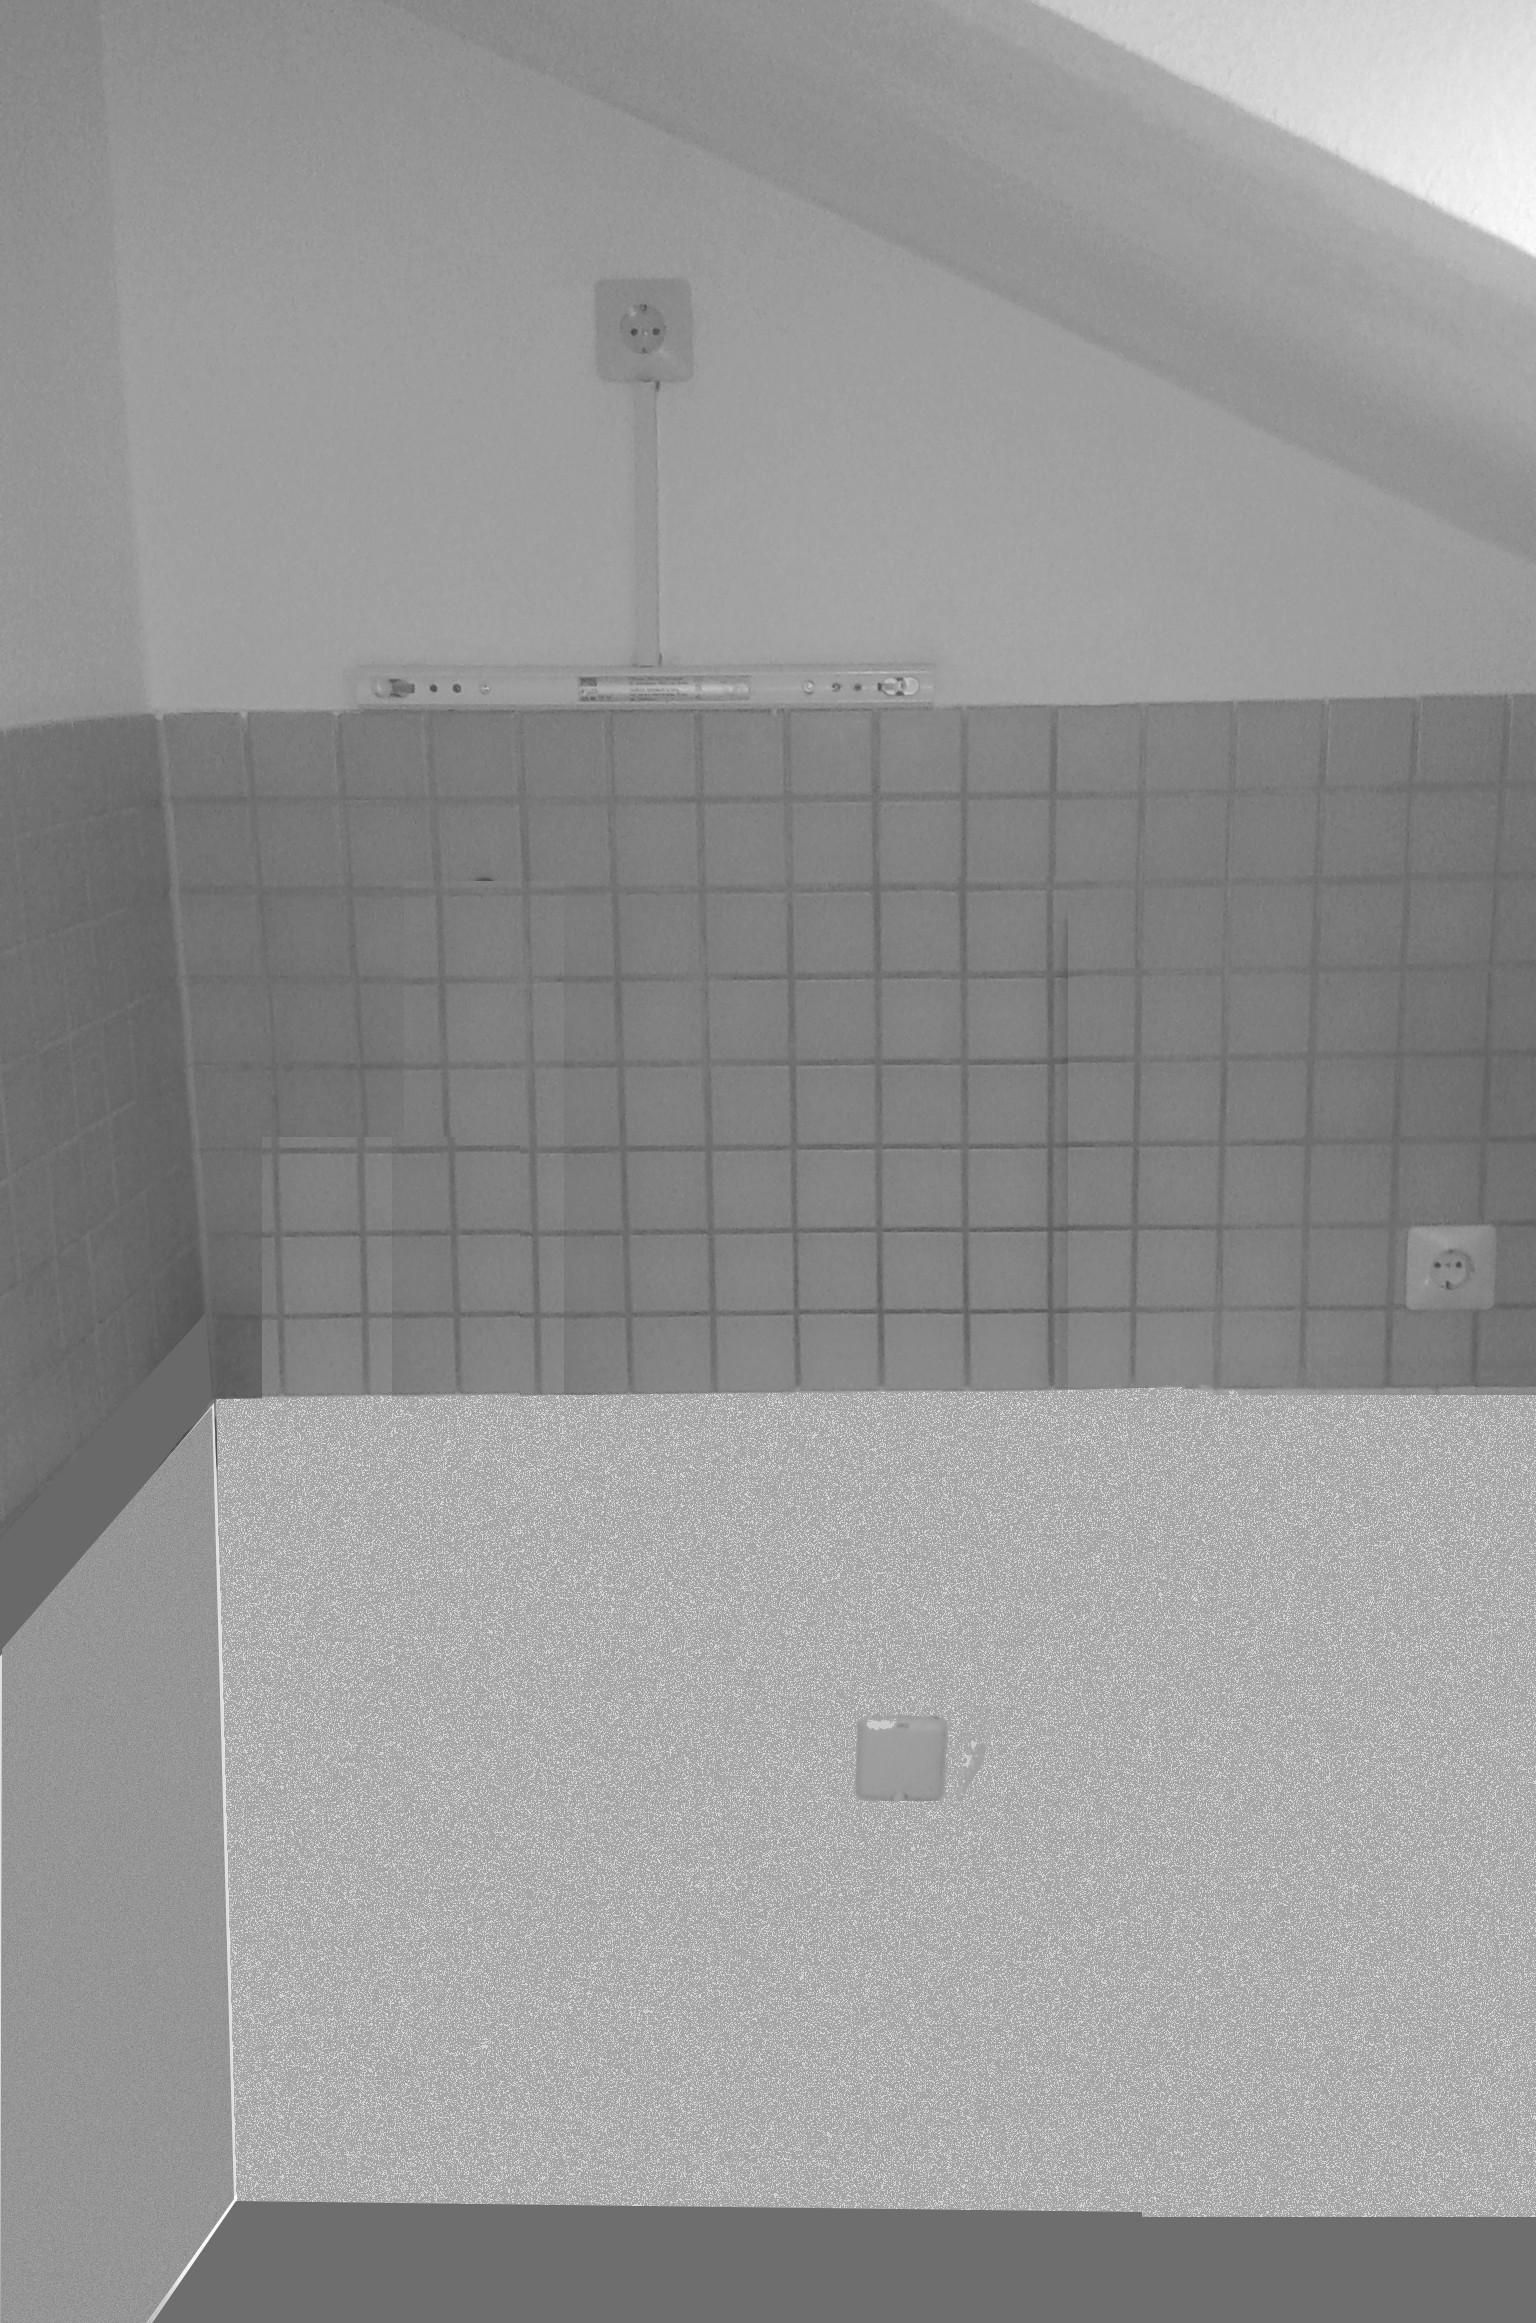 wo verlegt ein elektriker die stromleitungen wenn es sich um eine giebelwand einer dachwohnung. Black Bedroom Furniture Sets. Home Design Ideas